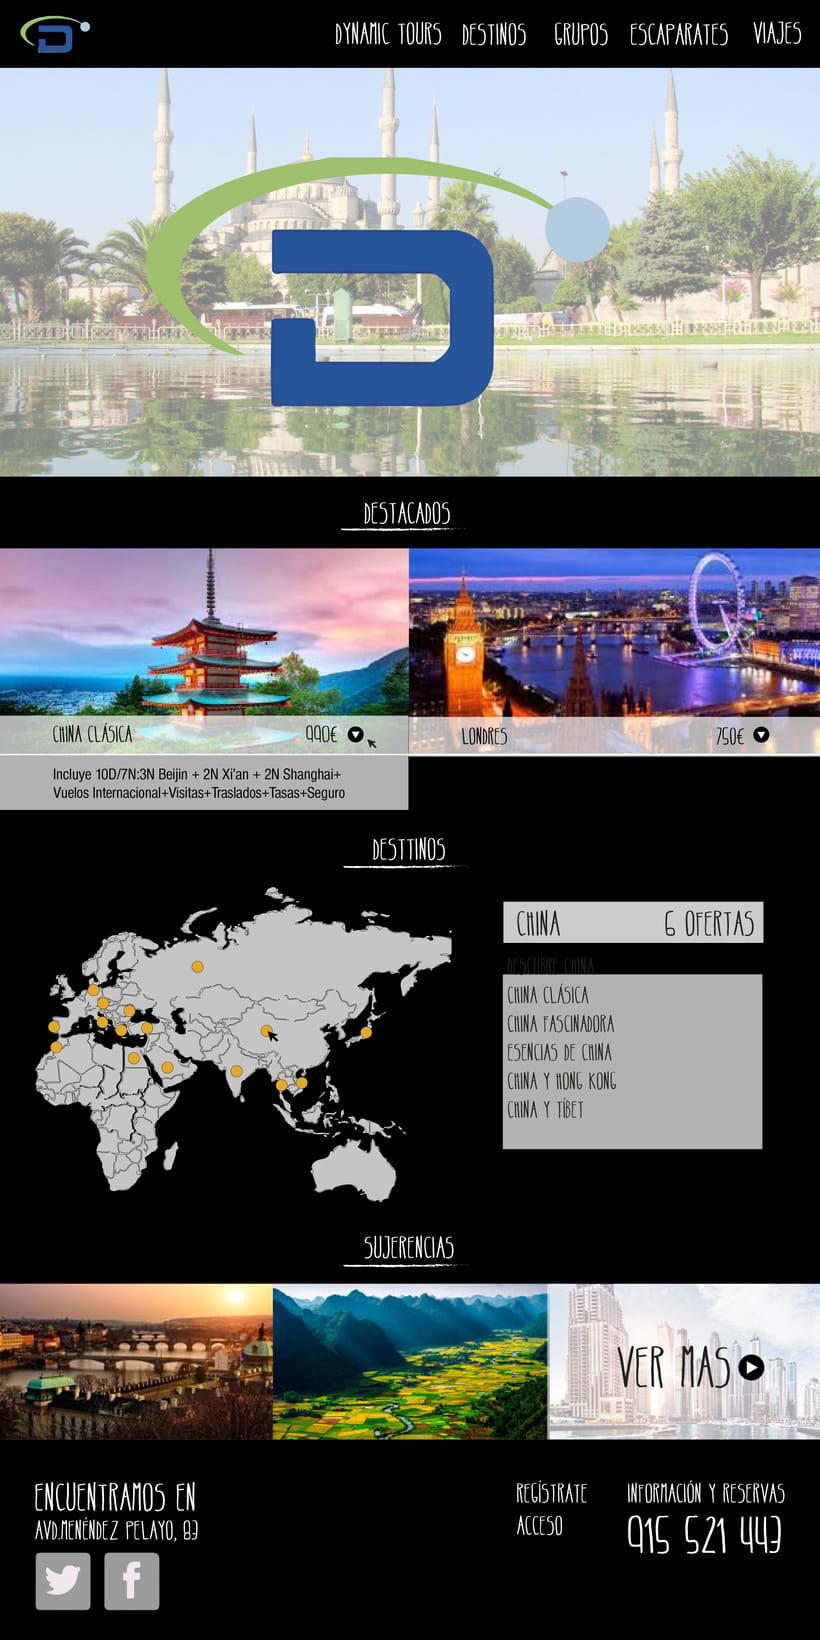 Rediseño web y oferta de viaje / Agencia de viajes 0